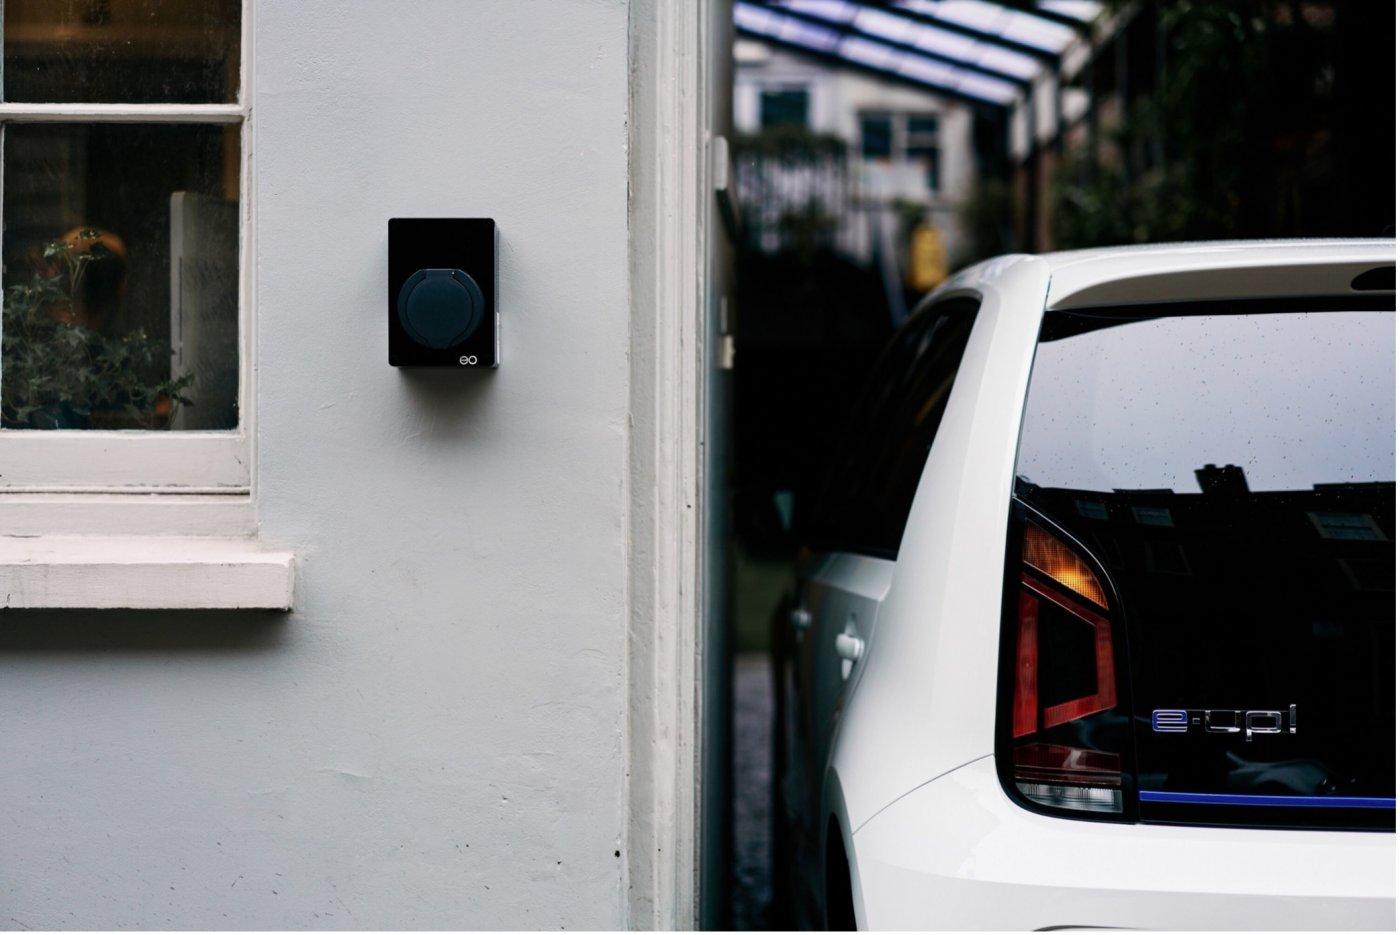 Verdens minste elbillader EO Mini fra Micro Matic på grå husvegg i mur med hvit elbil parkert ved siden av.